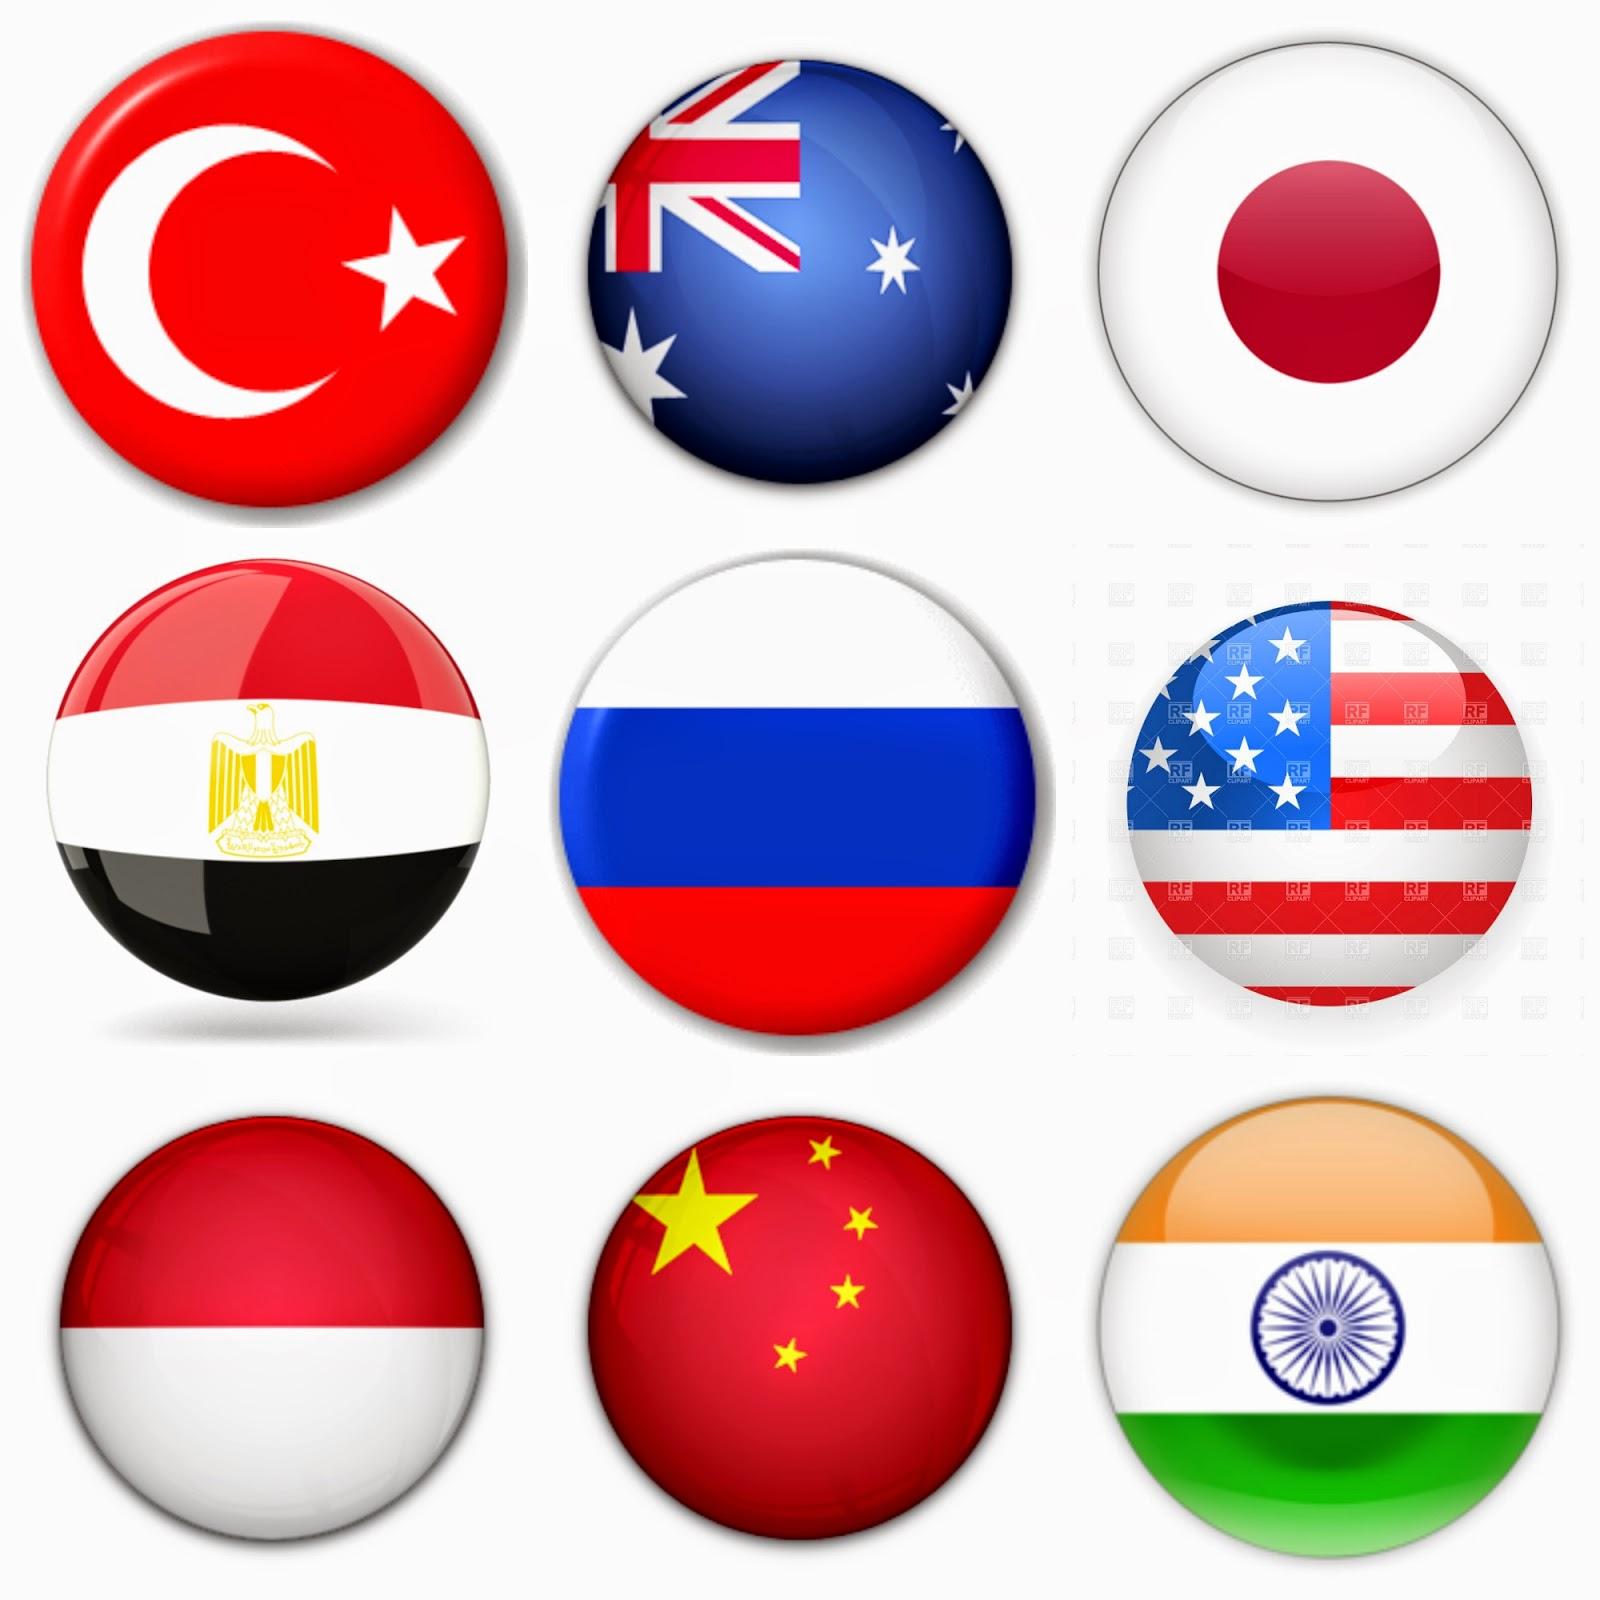 Belajar Di Luar Negara Kebaikan Belajar Di Luar Negara